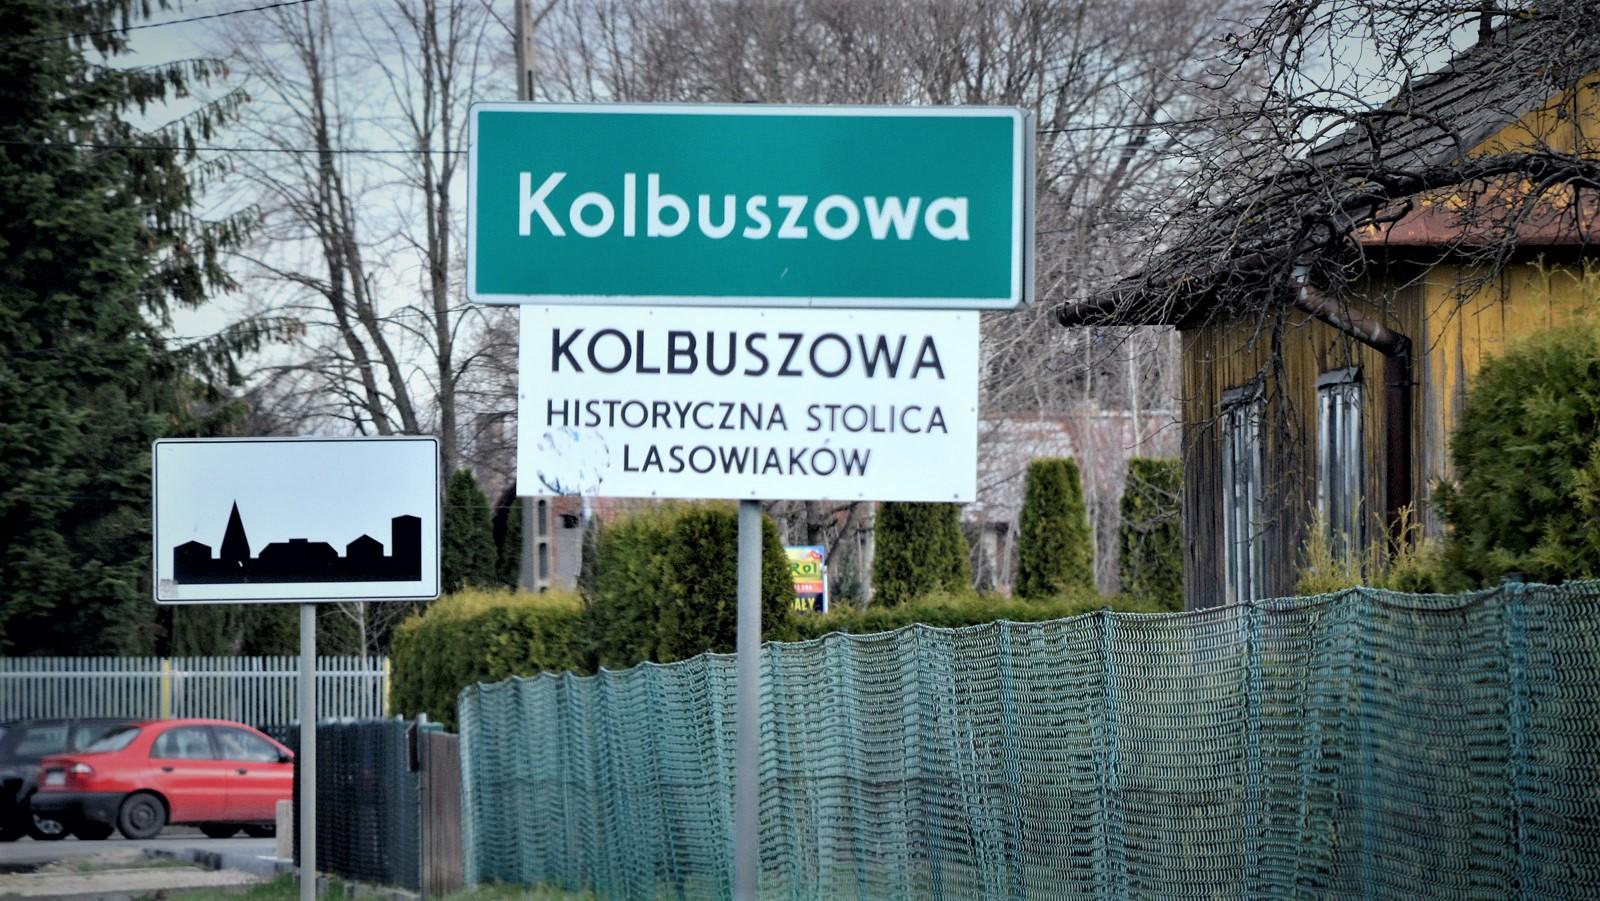 Radny: Kolbuszowa co to jest za miasto? To jest większa wieś! - Zdjęcie główne